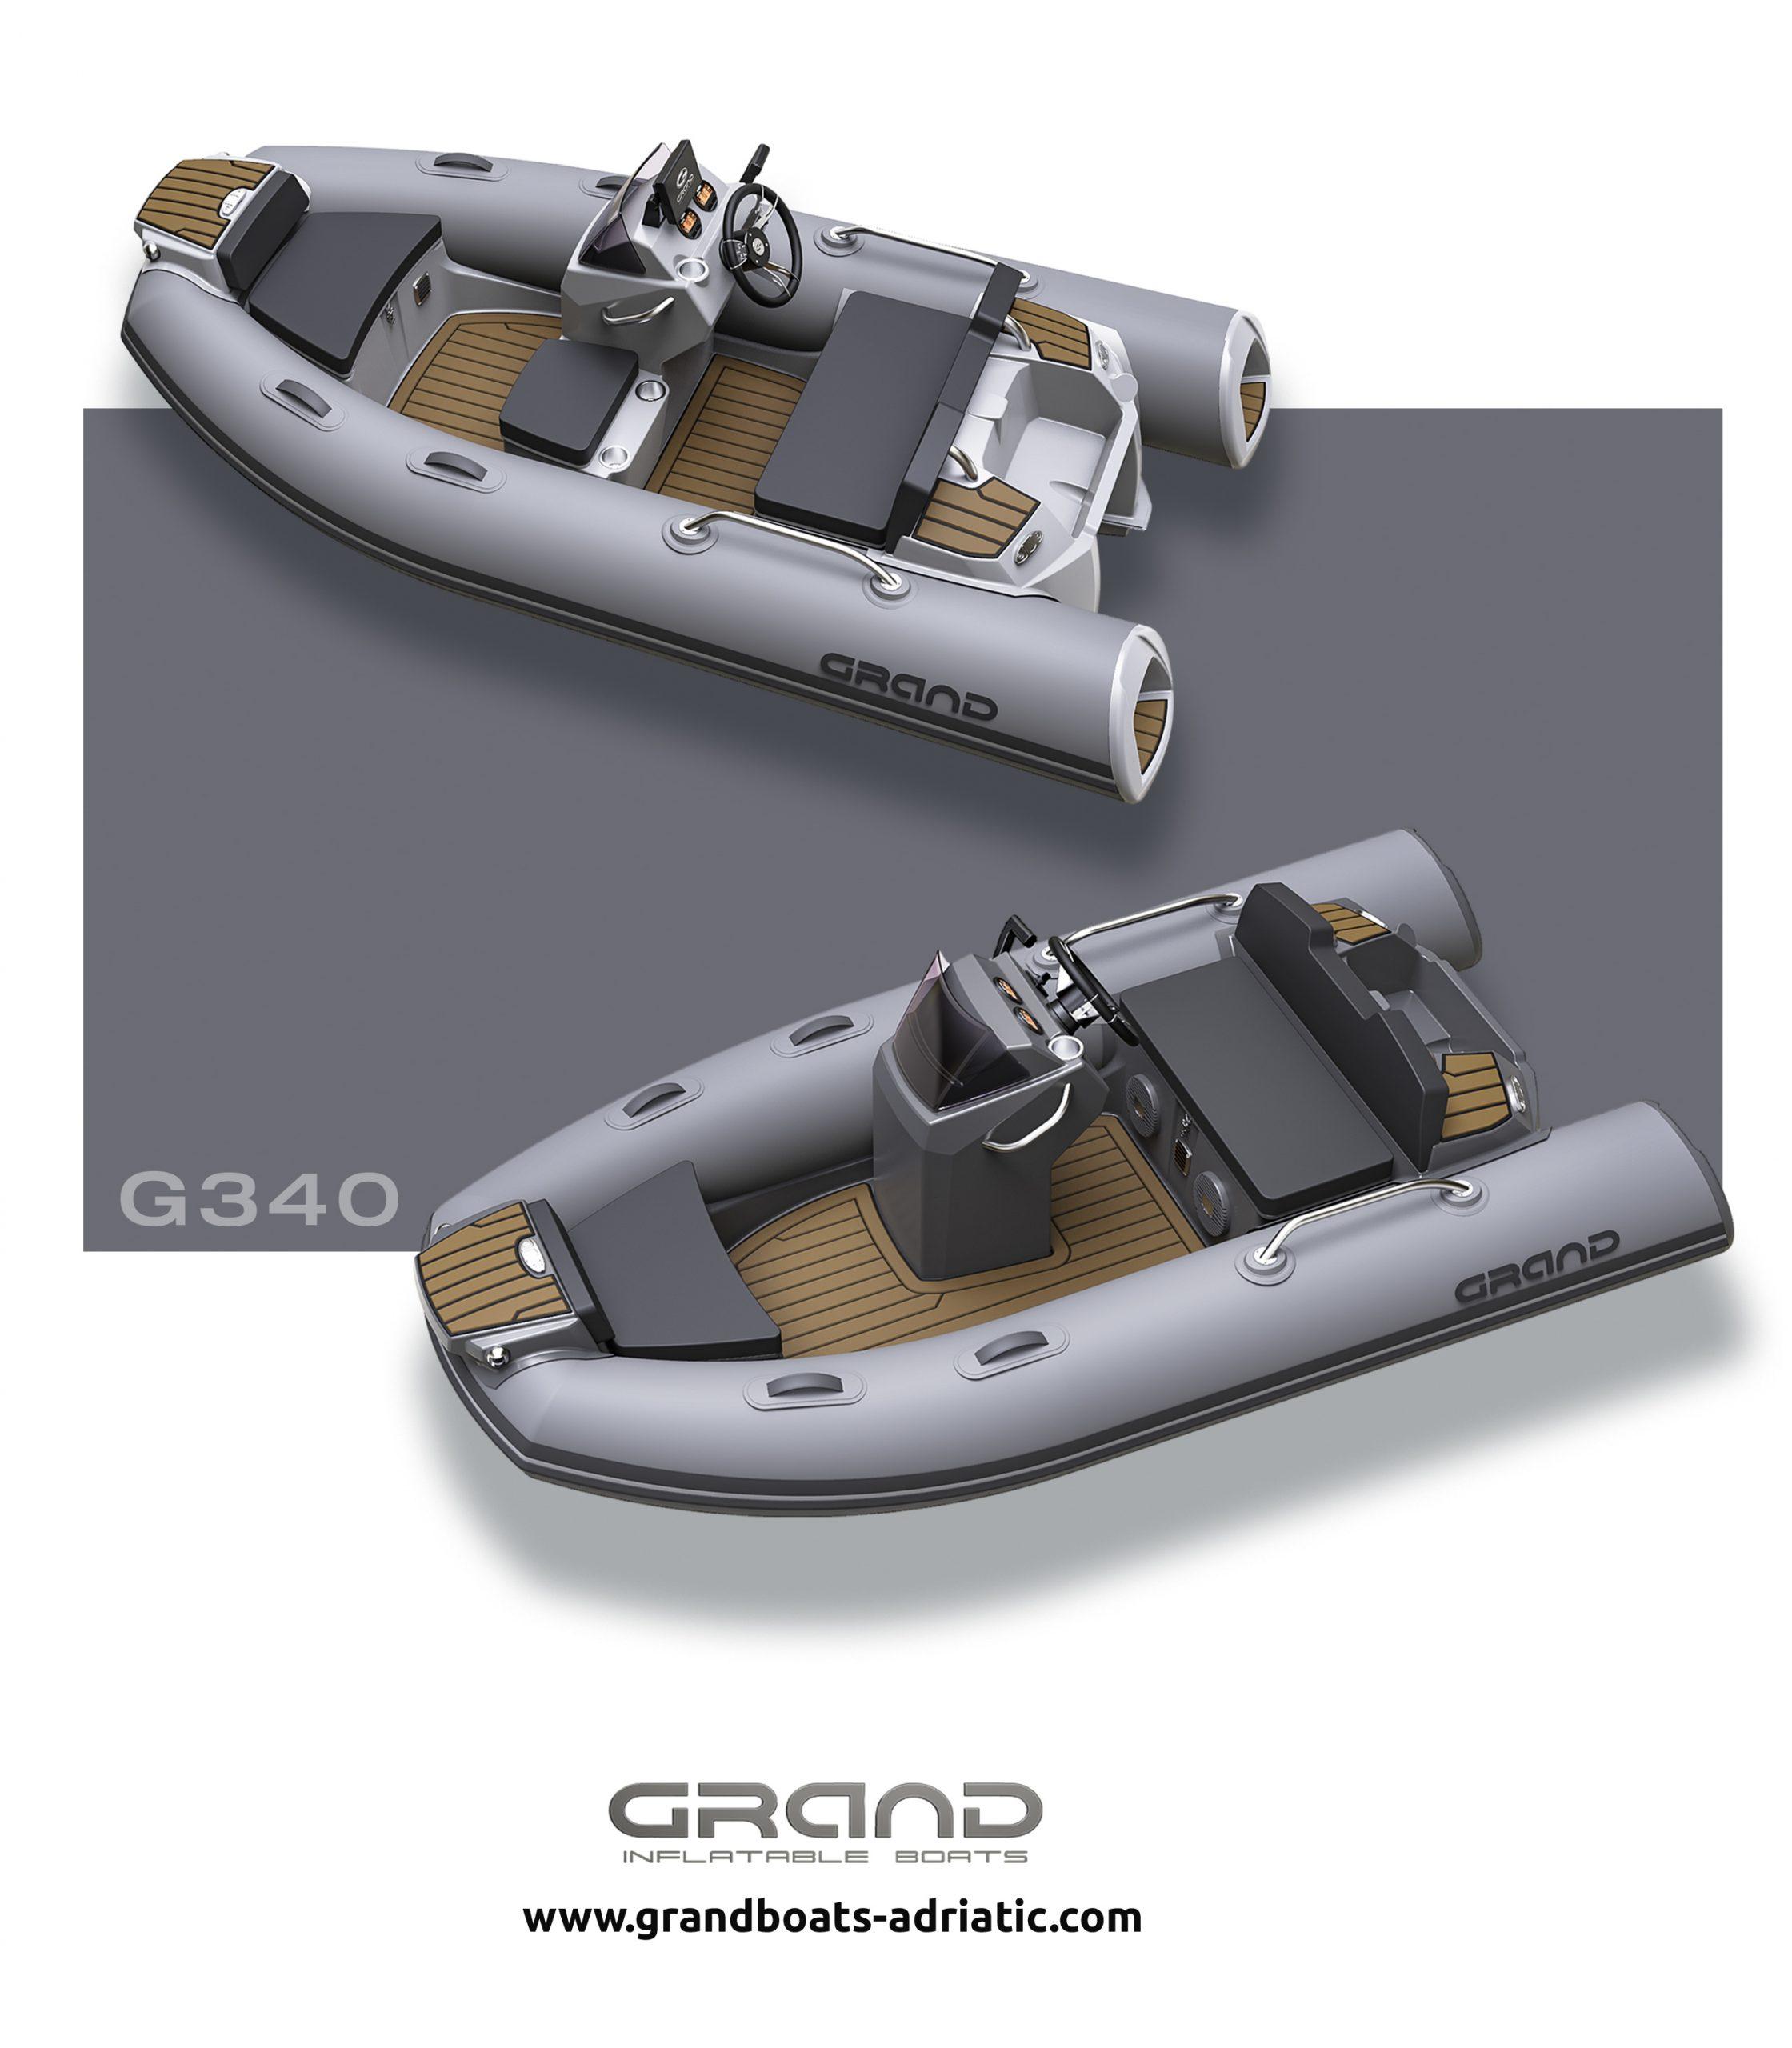 GRAND G340 predstavitev